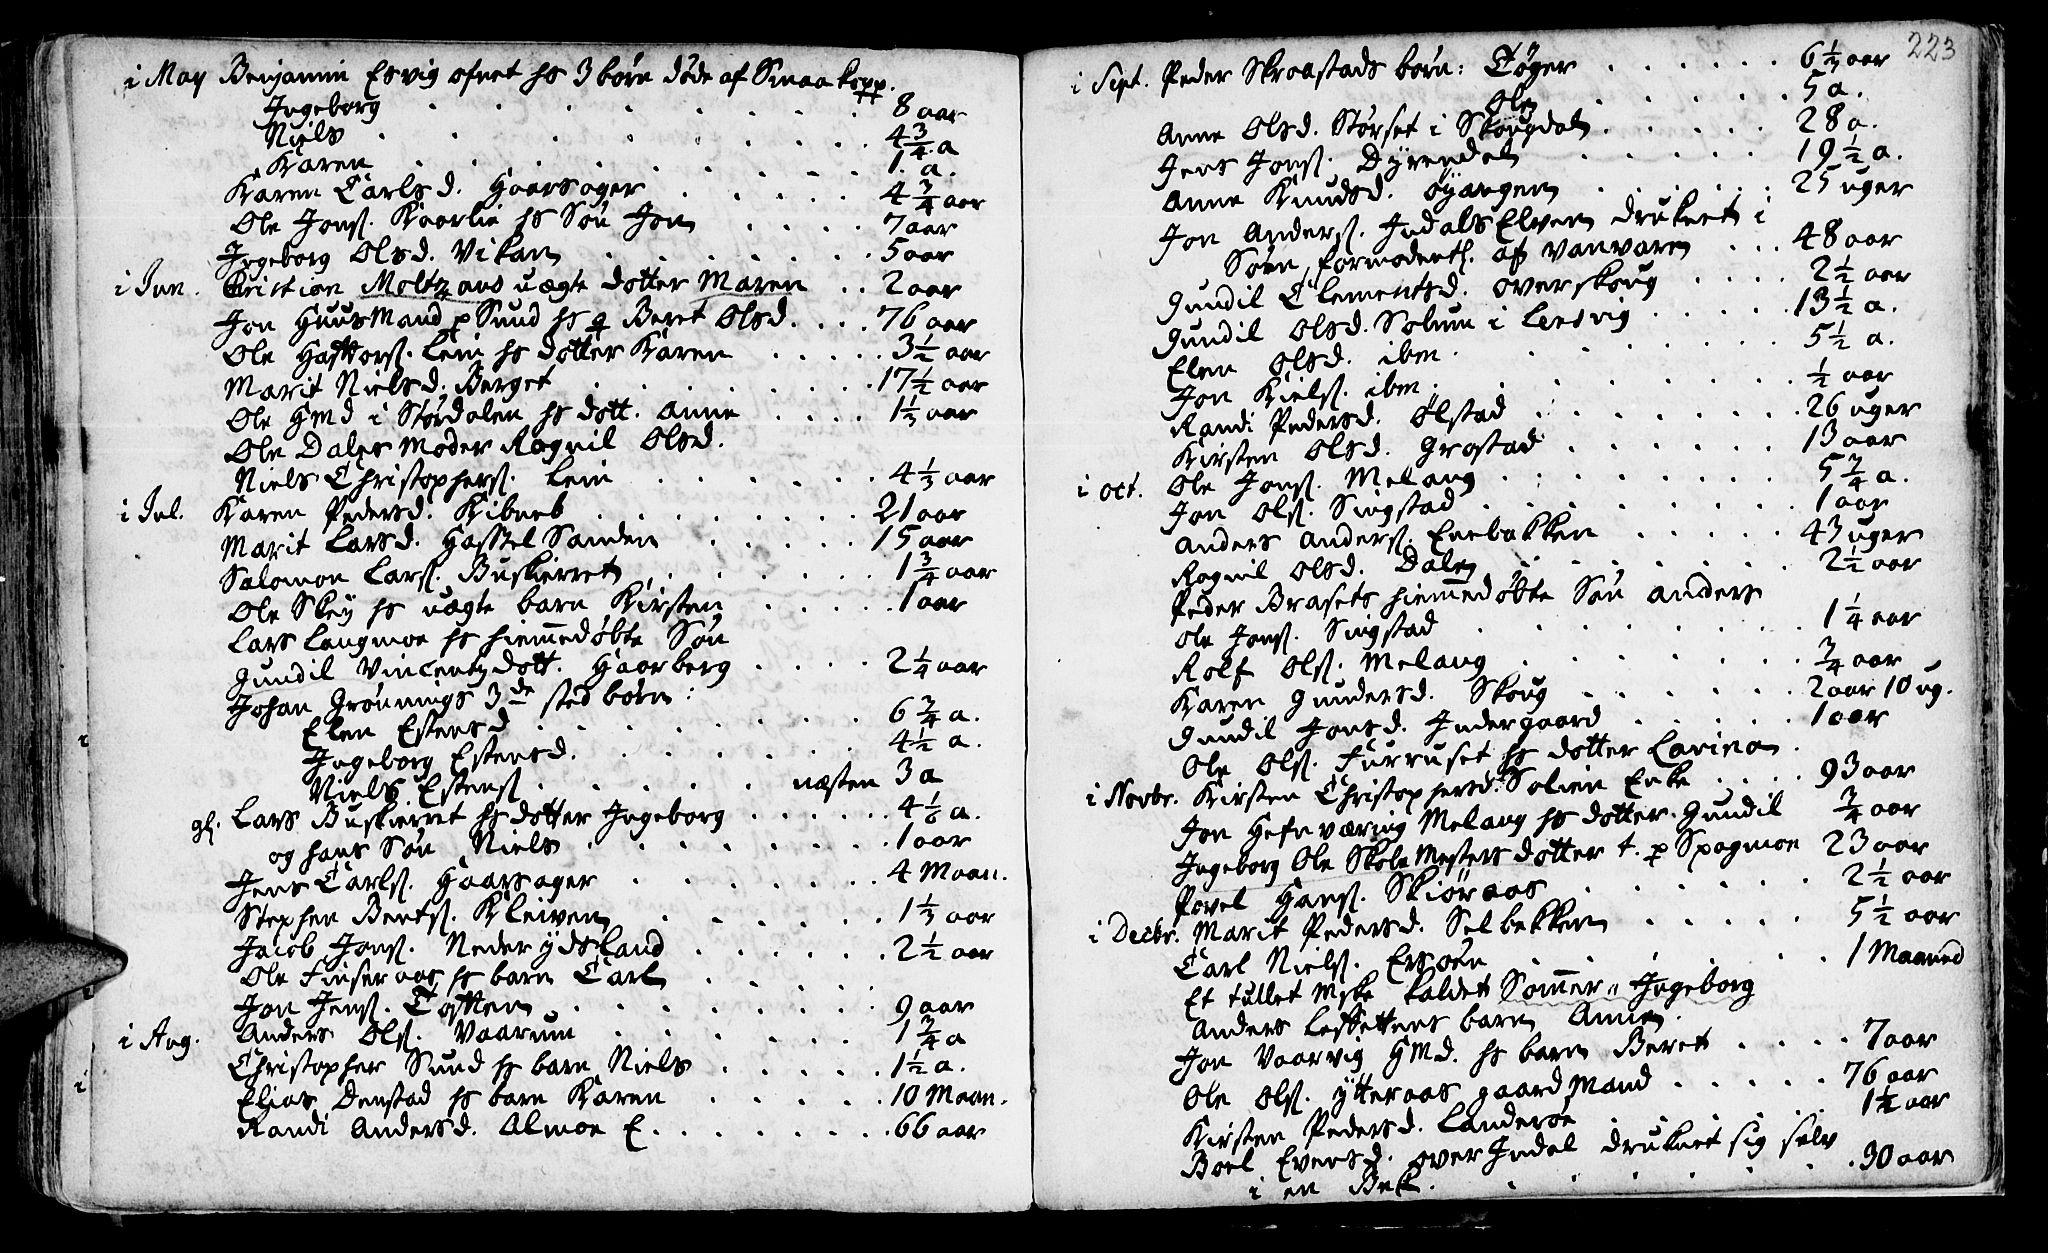 SAT, Ministerialprotokoller, klokkerbøker og fødselsregistre - Sør-Trøndelag, 646/L0604: Ministerialbok nr. 646A02, 1735-1750, s. 222-223